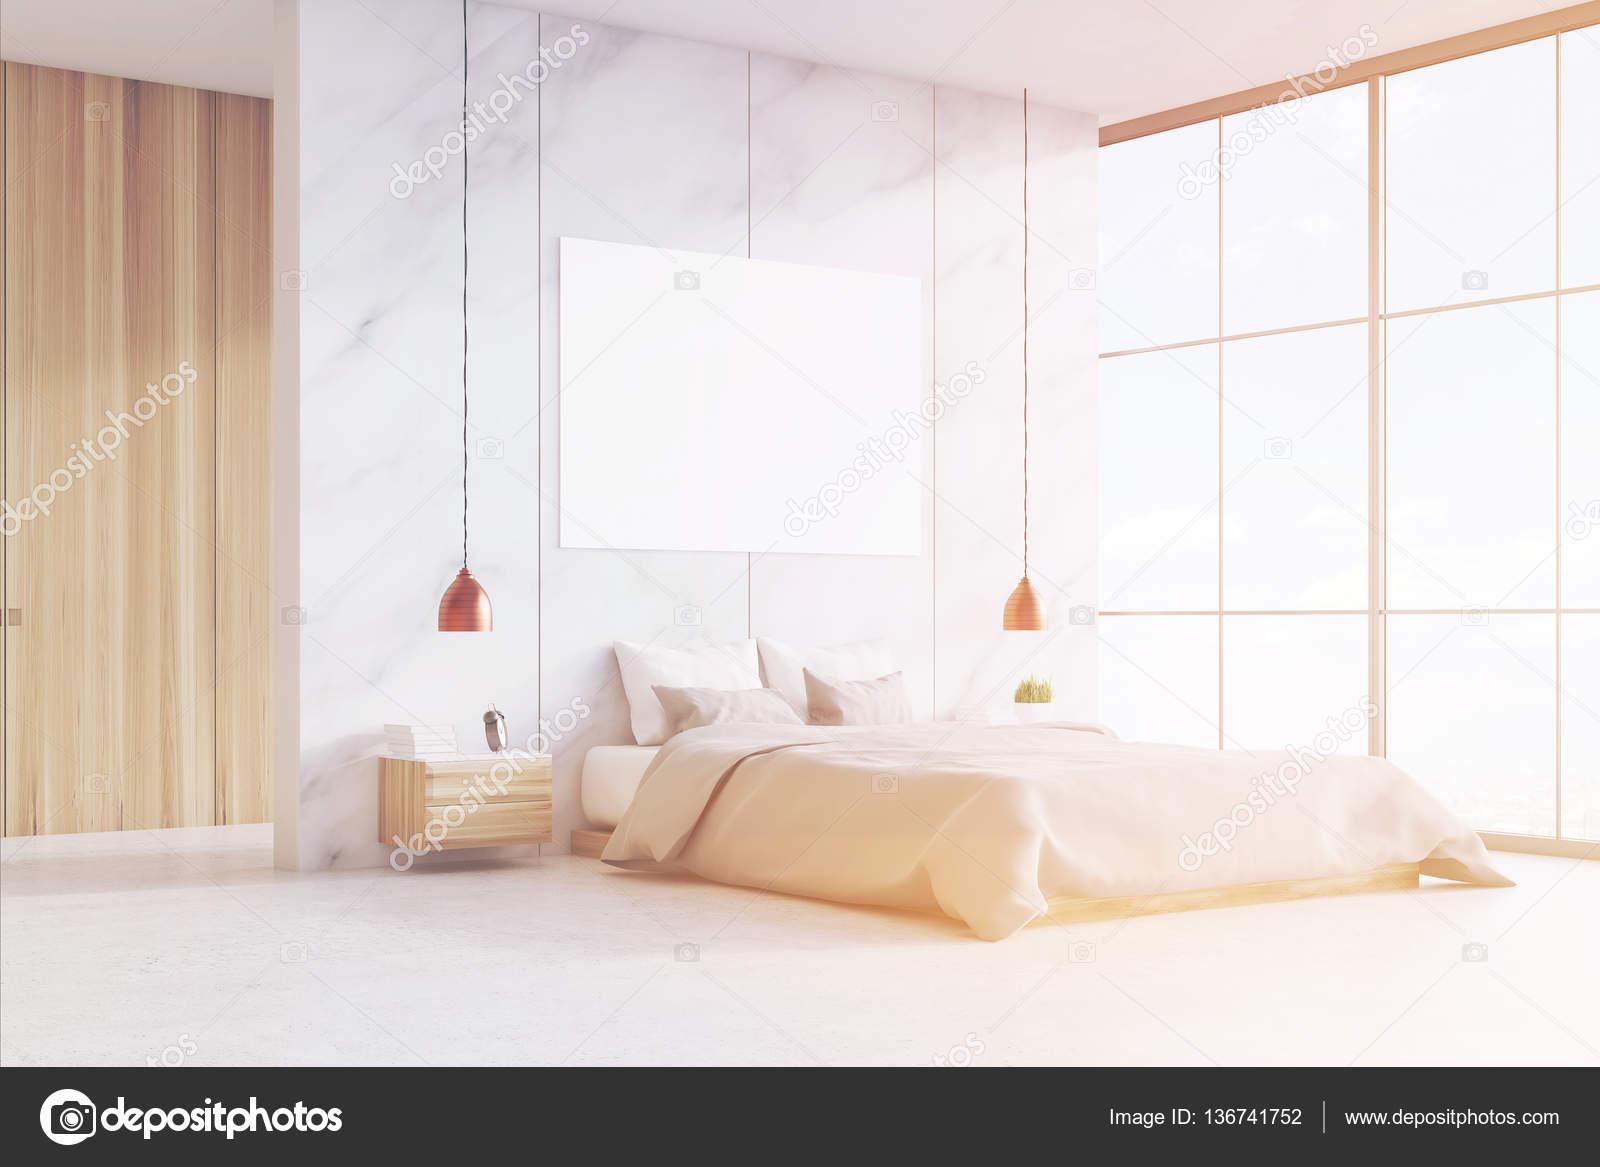 Schlafzimmer mit Doppelbett und Poster, getönt — Stockfoto ...